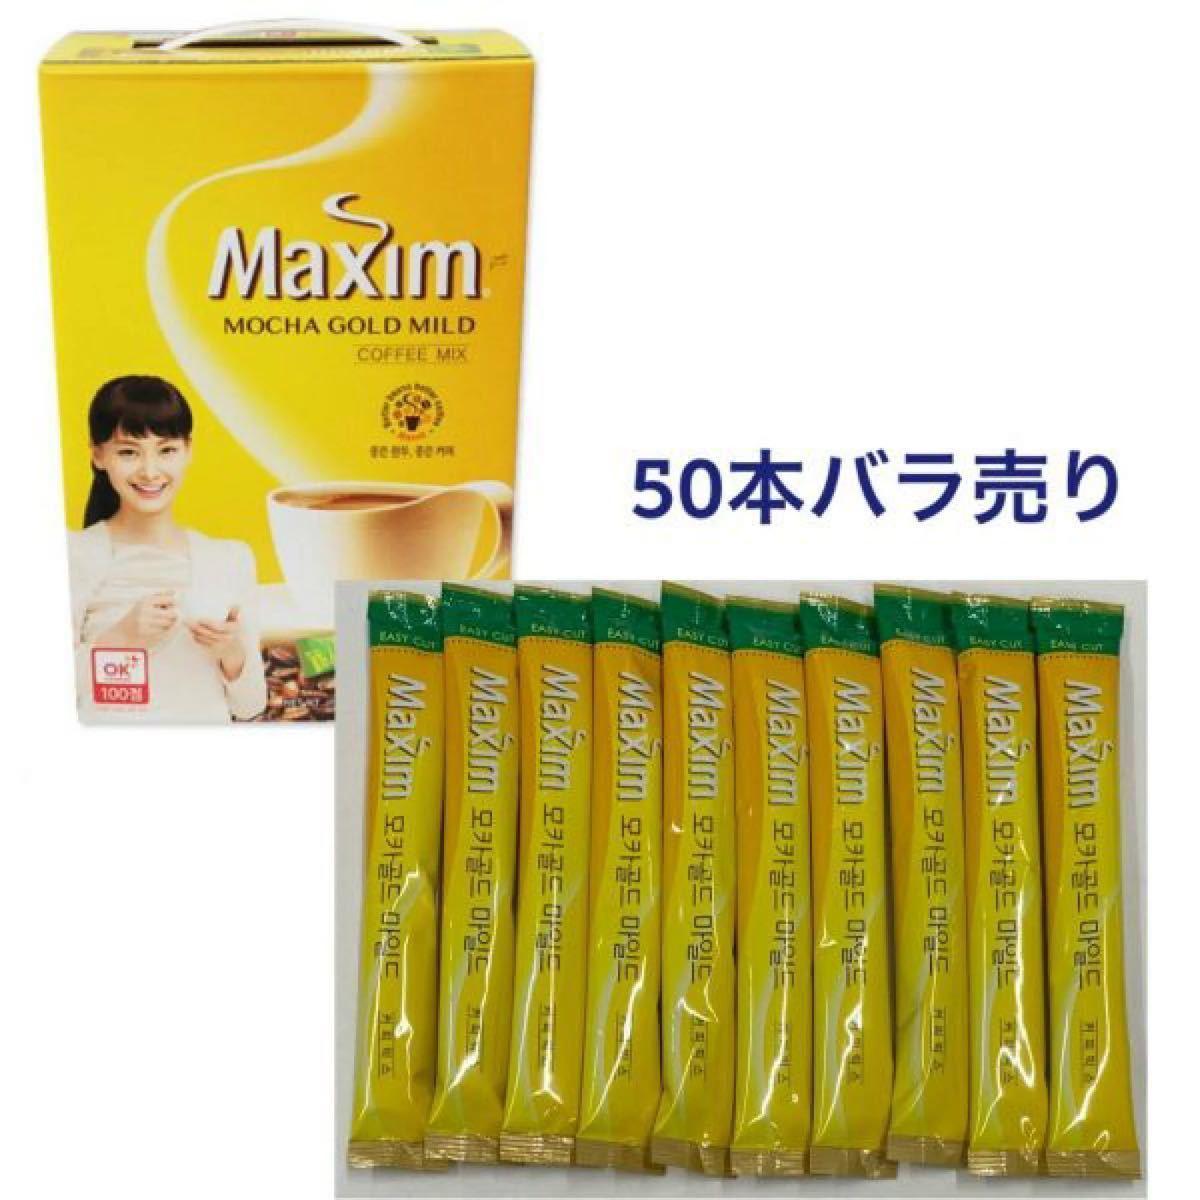 マキシムコーヒー モカゴールド50本 スティックコーヒー 韓国